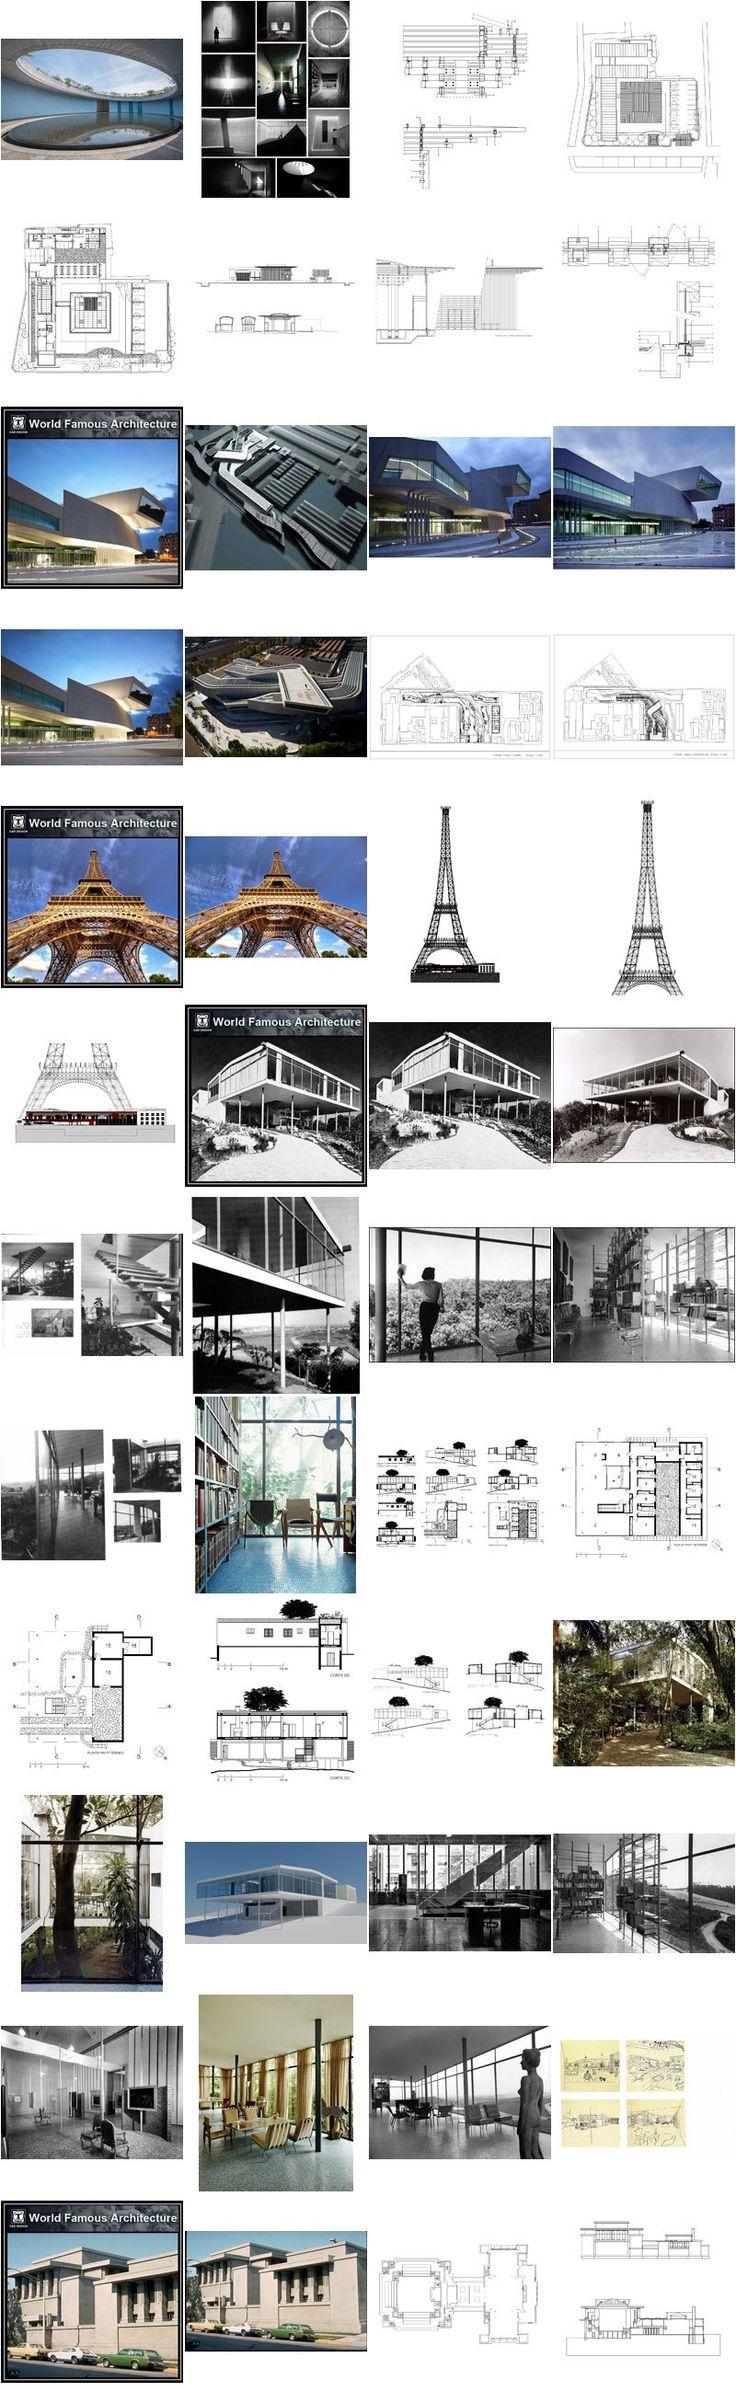 Alle CAD-DWG-Dateien sind kompatibel zu AutoCAD 2000. Insgesamt 108 World Best Architecture CAD-Zeichnungen stehen zum Kauf und Download zur Verfügung. Verbringen Sie mehr Zeitgestaltung und weni…